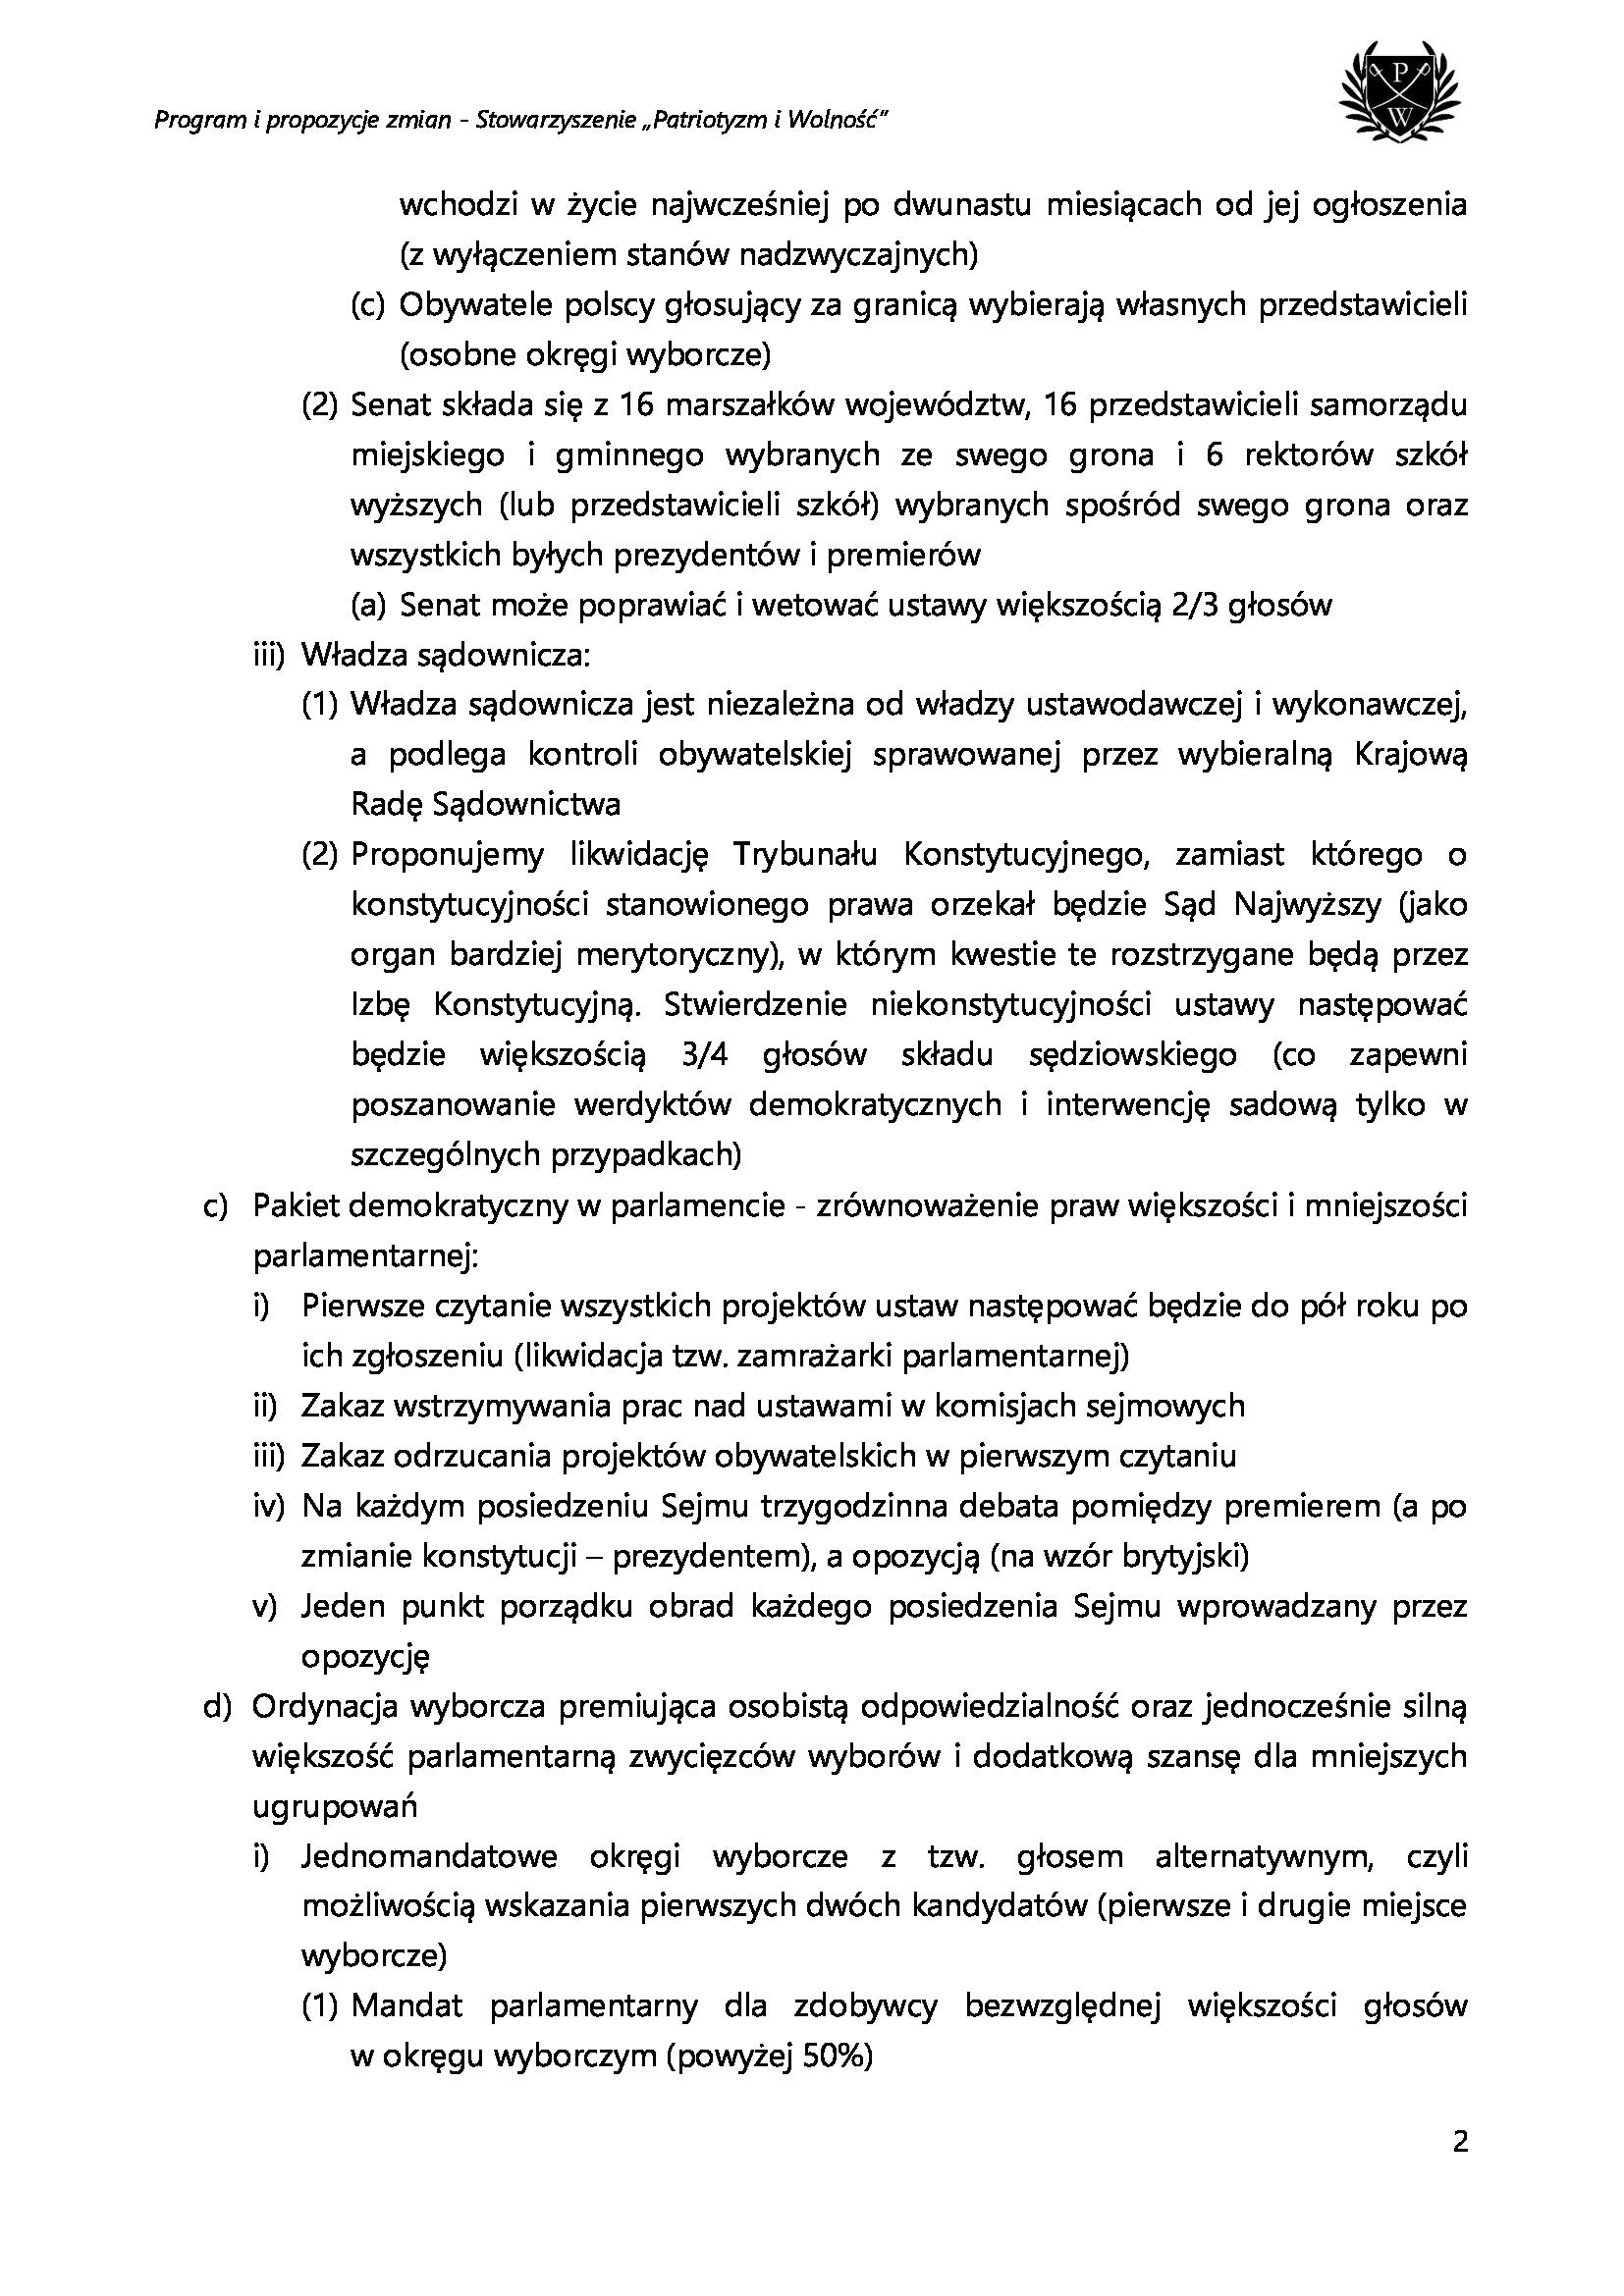 db9e272ef5a9a2e66d26f1905be6c507-2